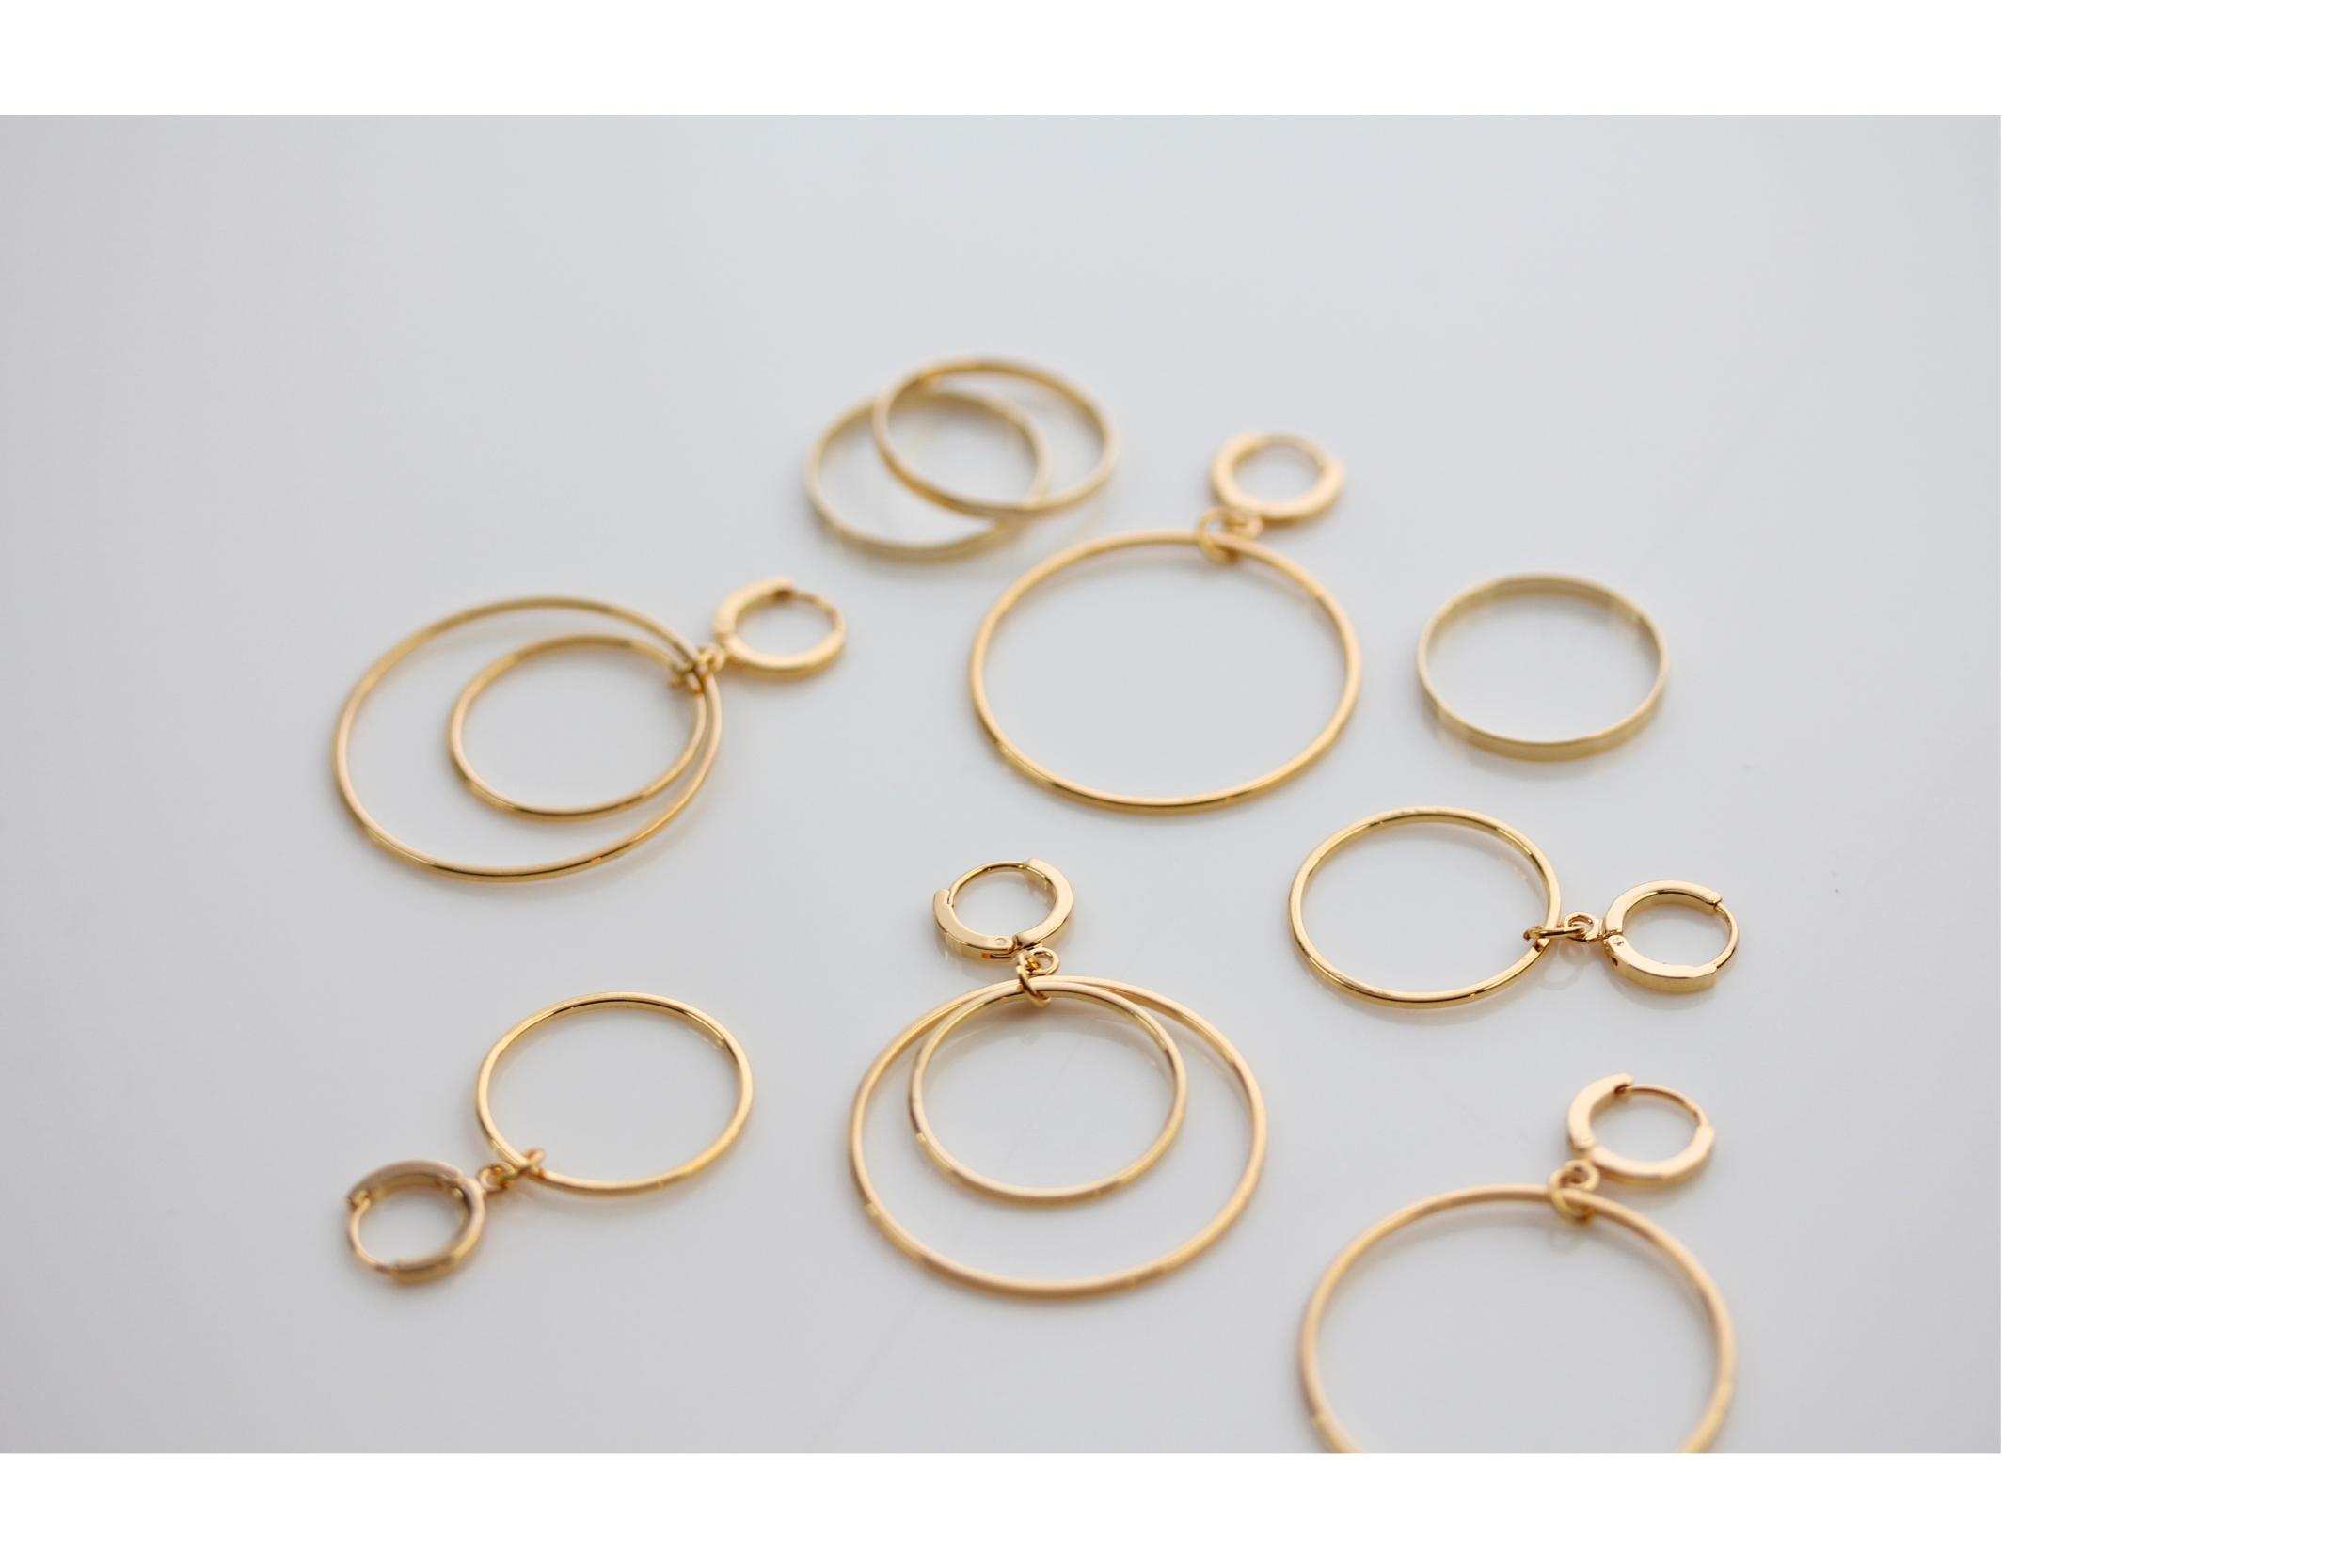 Kreis Ohrringe in Gold Madeleine Issing